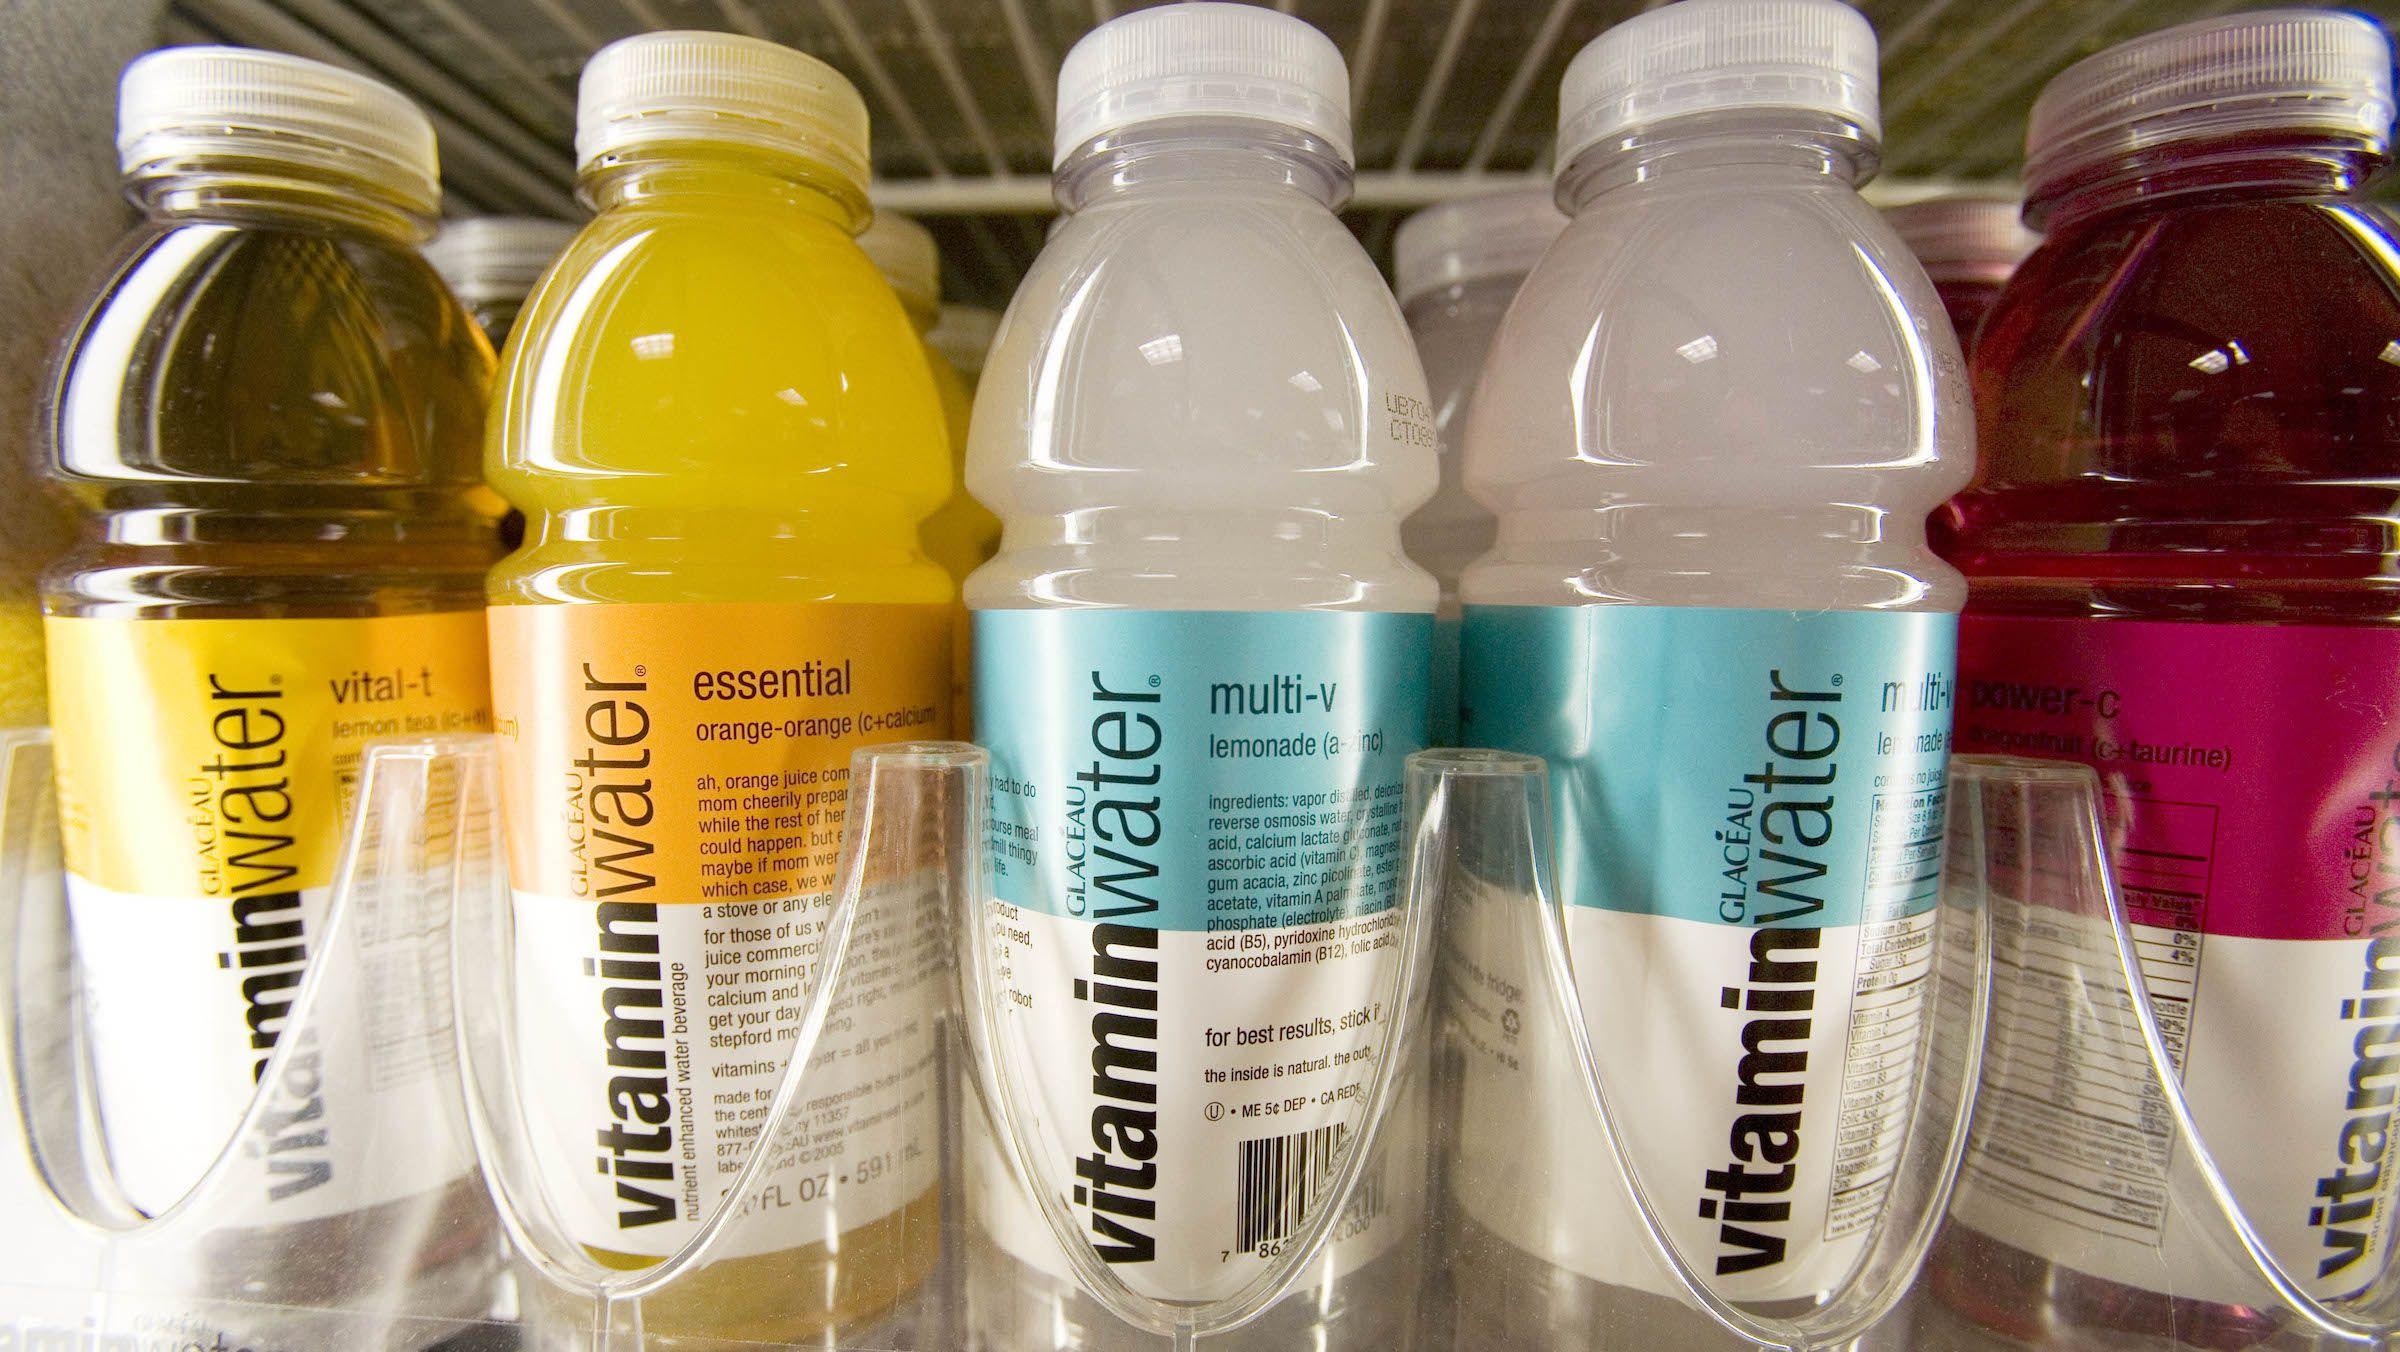 Vitaminwater on shelves